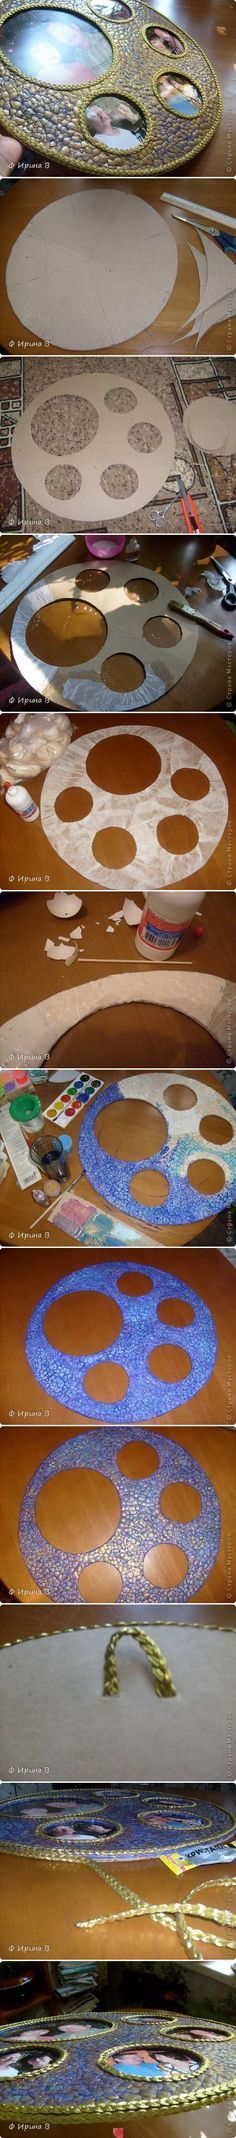 Ideas faciles+reciclables paso a paso.